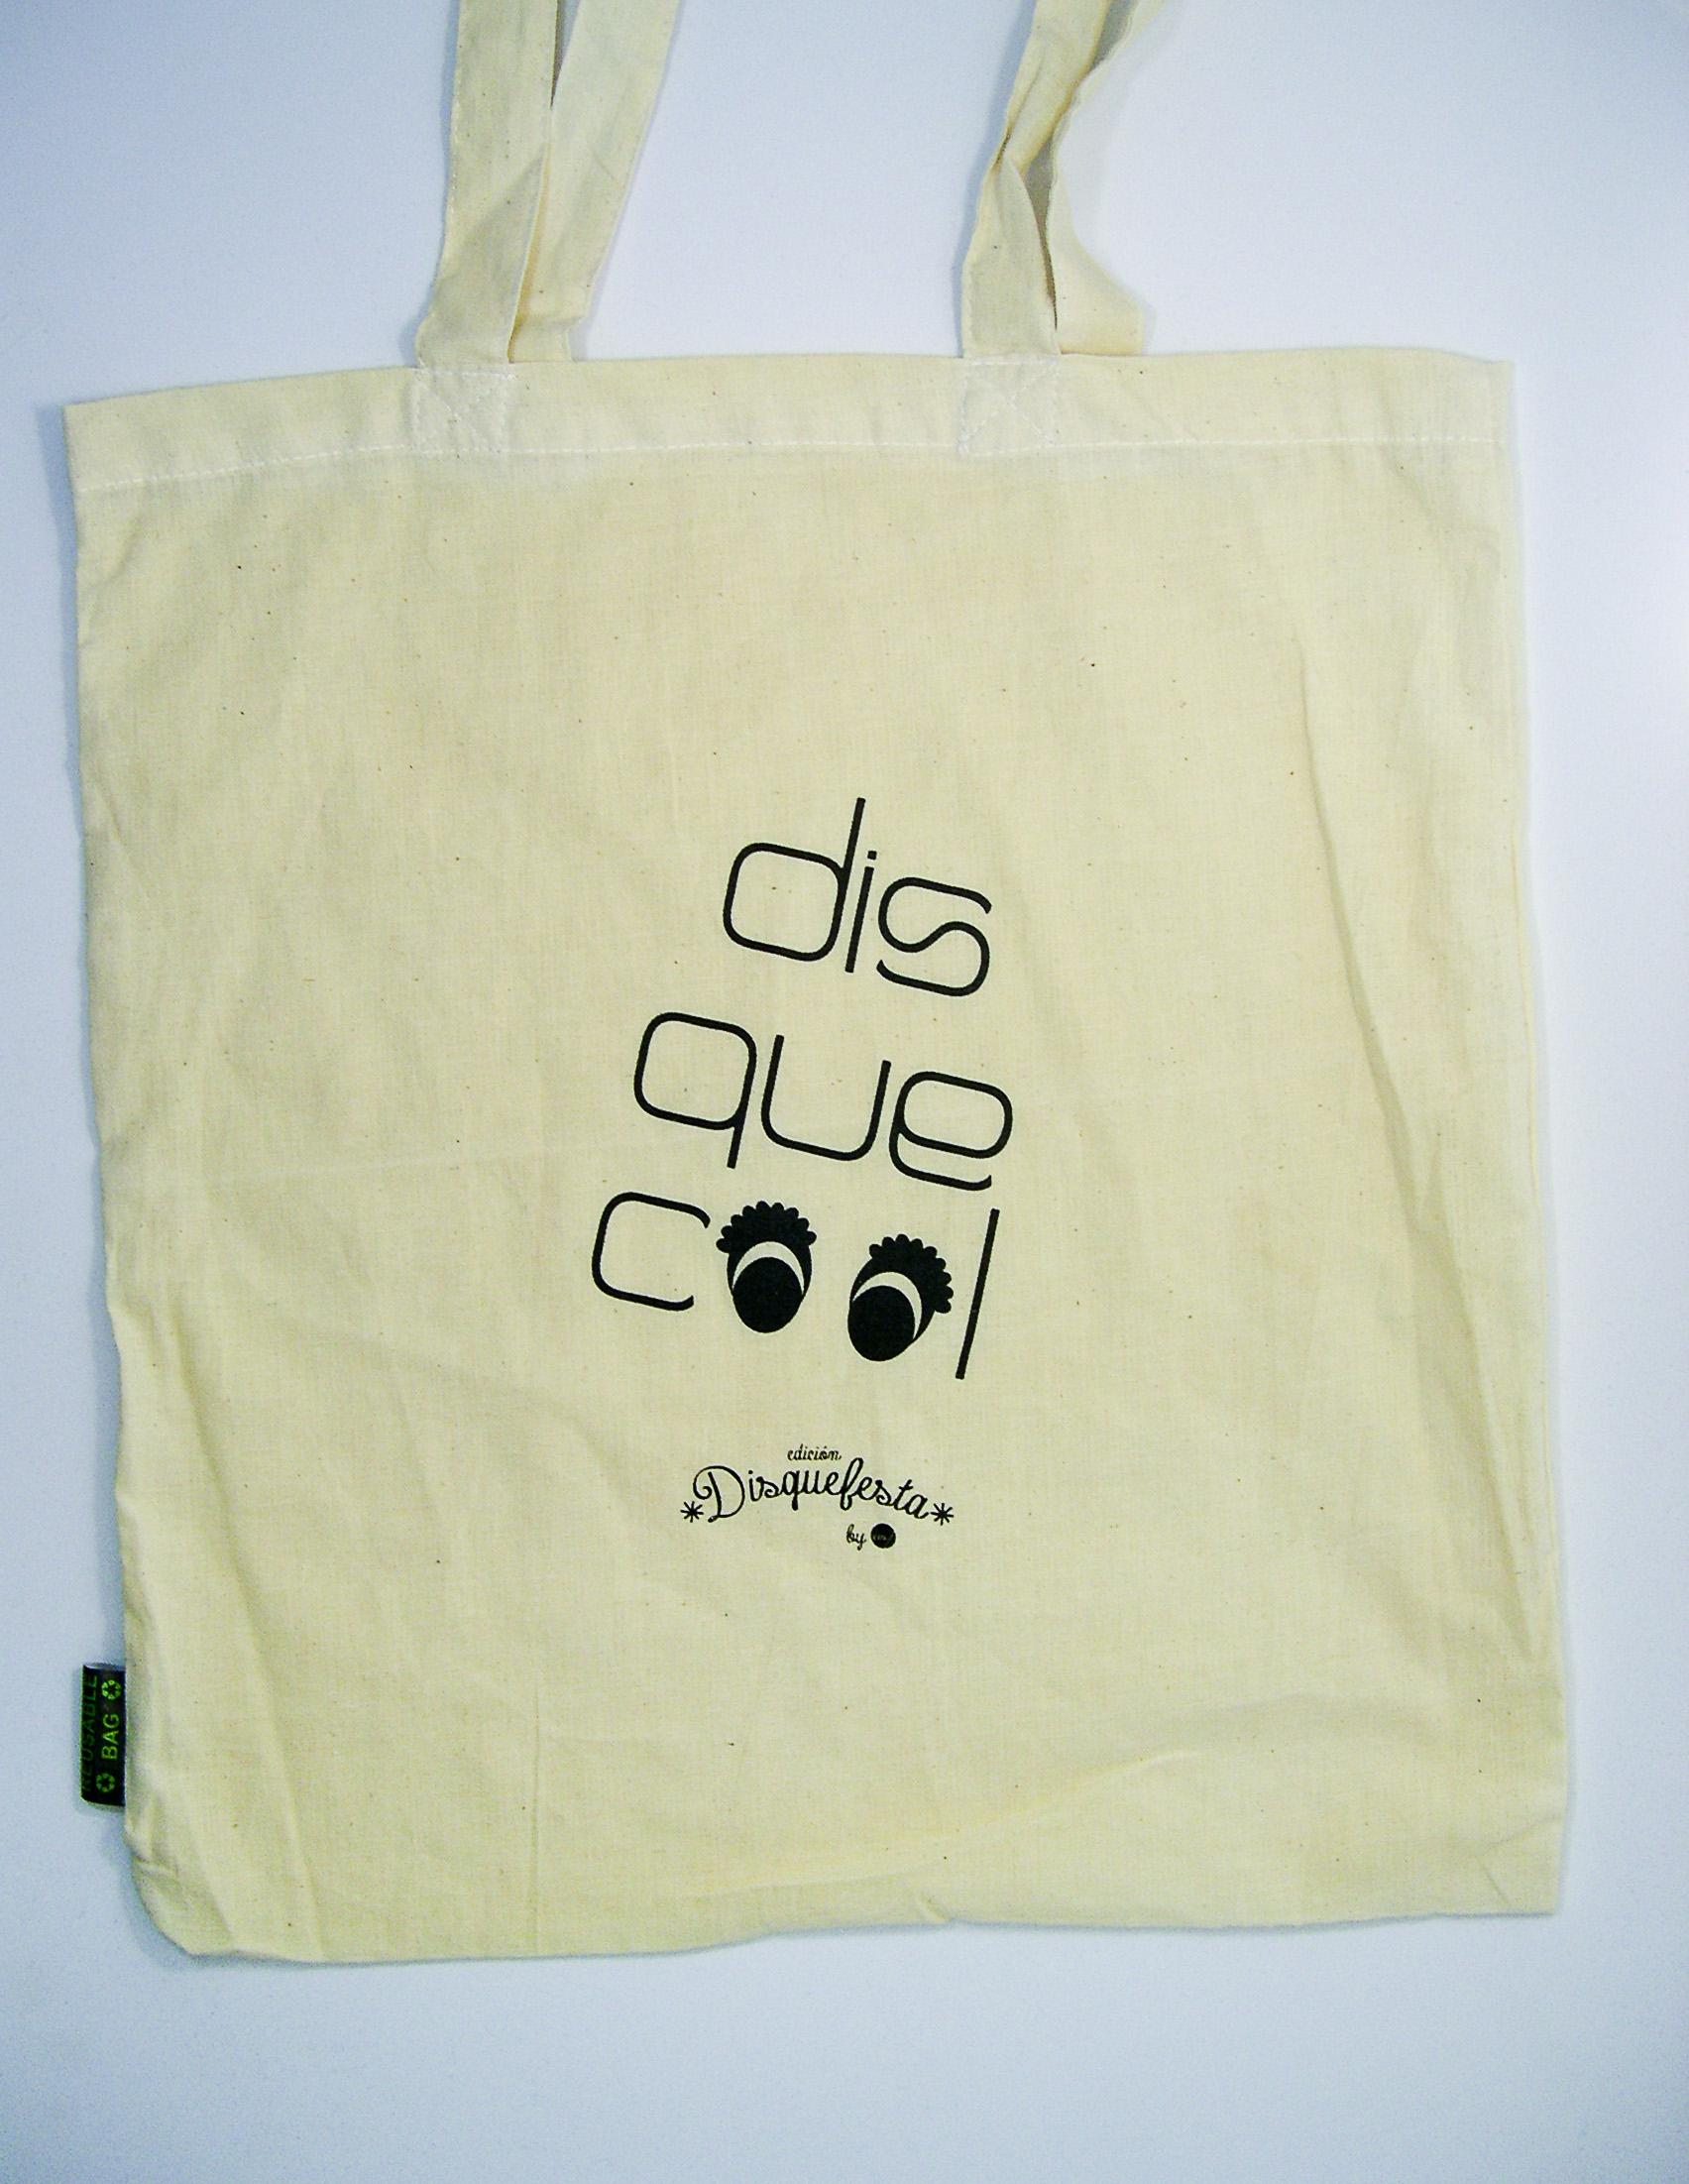 Disquebolsa da #Disquefesta12 by Clara Malde